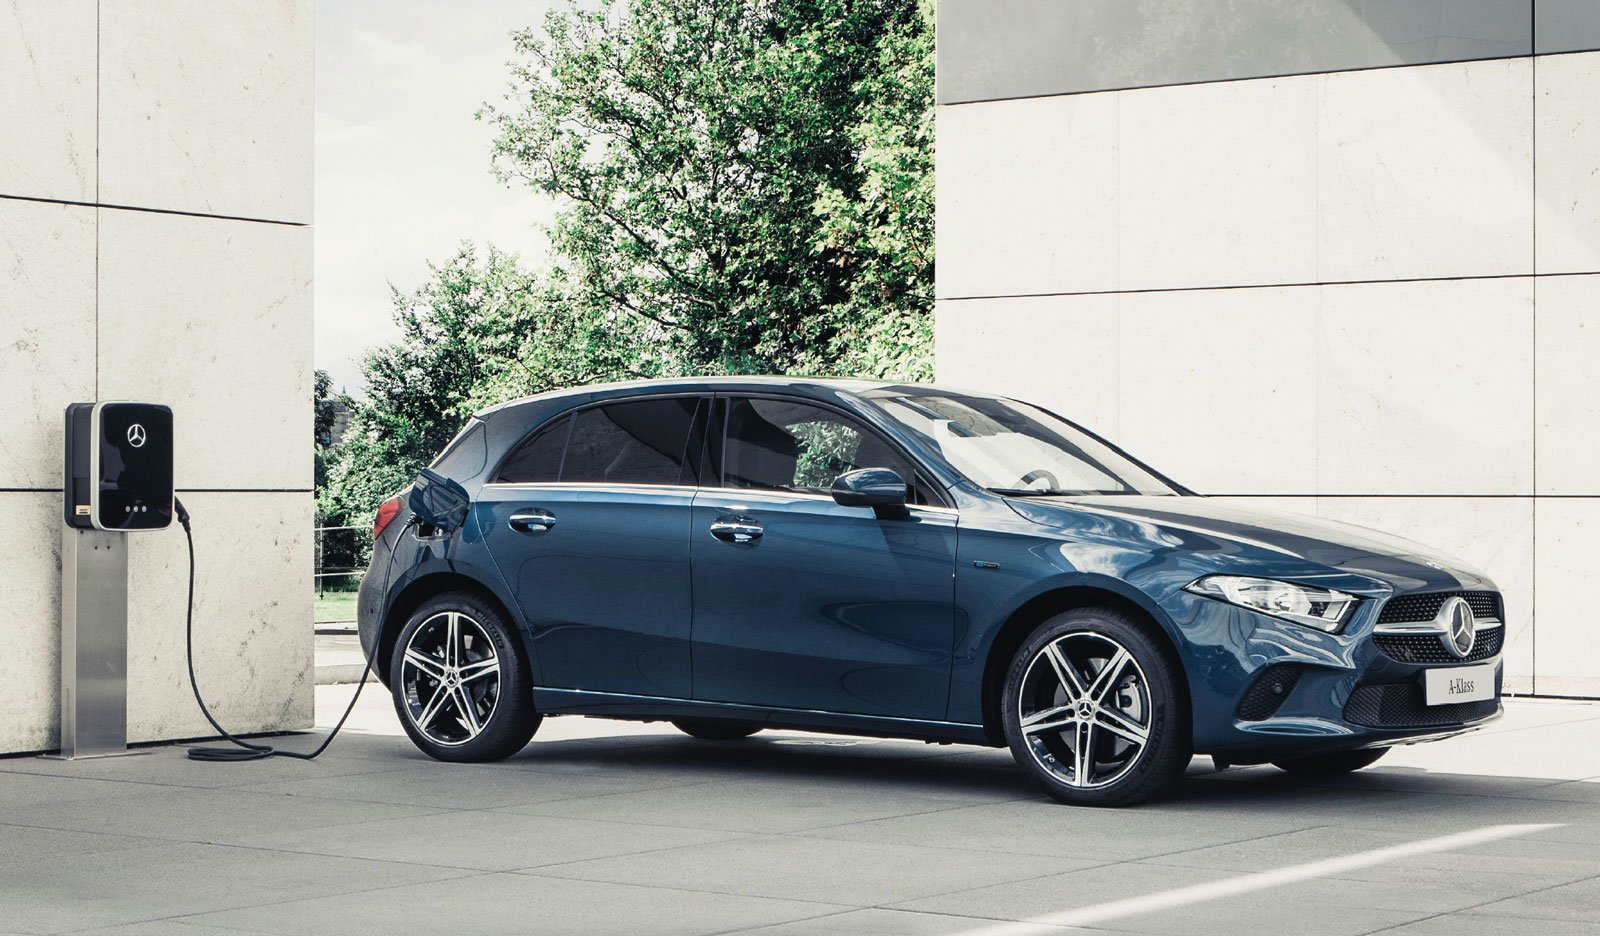 Bränsleförbrukning blandad körning enl WLTP-körcykeln A 250 e: 1,1-1,3 l/100km, CO2 -utsläpp 25-30 g/km. Motsvarande värden enligt NEDC 2.0: 1,4-1,5 l/100km, CO2 -utsläpp: 33-34 g/km. Förändring i utrustning kan påverka bränsleförbrukning och CO2 -utsläpp. Värdena avser grundutrustad bil. Bilen på bilden är extrautrustad. Miljöklass Euro 6d TEMP-EVAP-ISC.